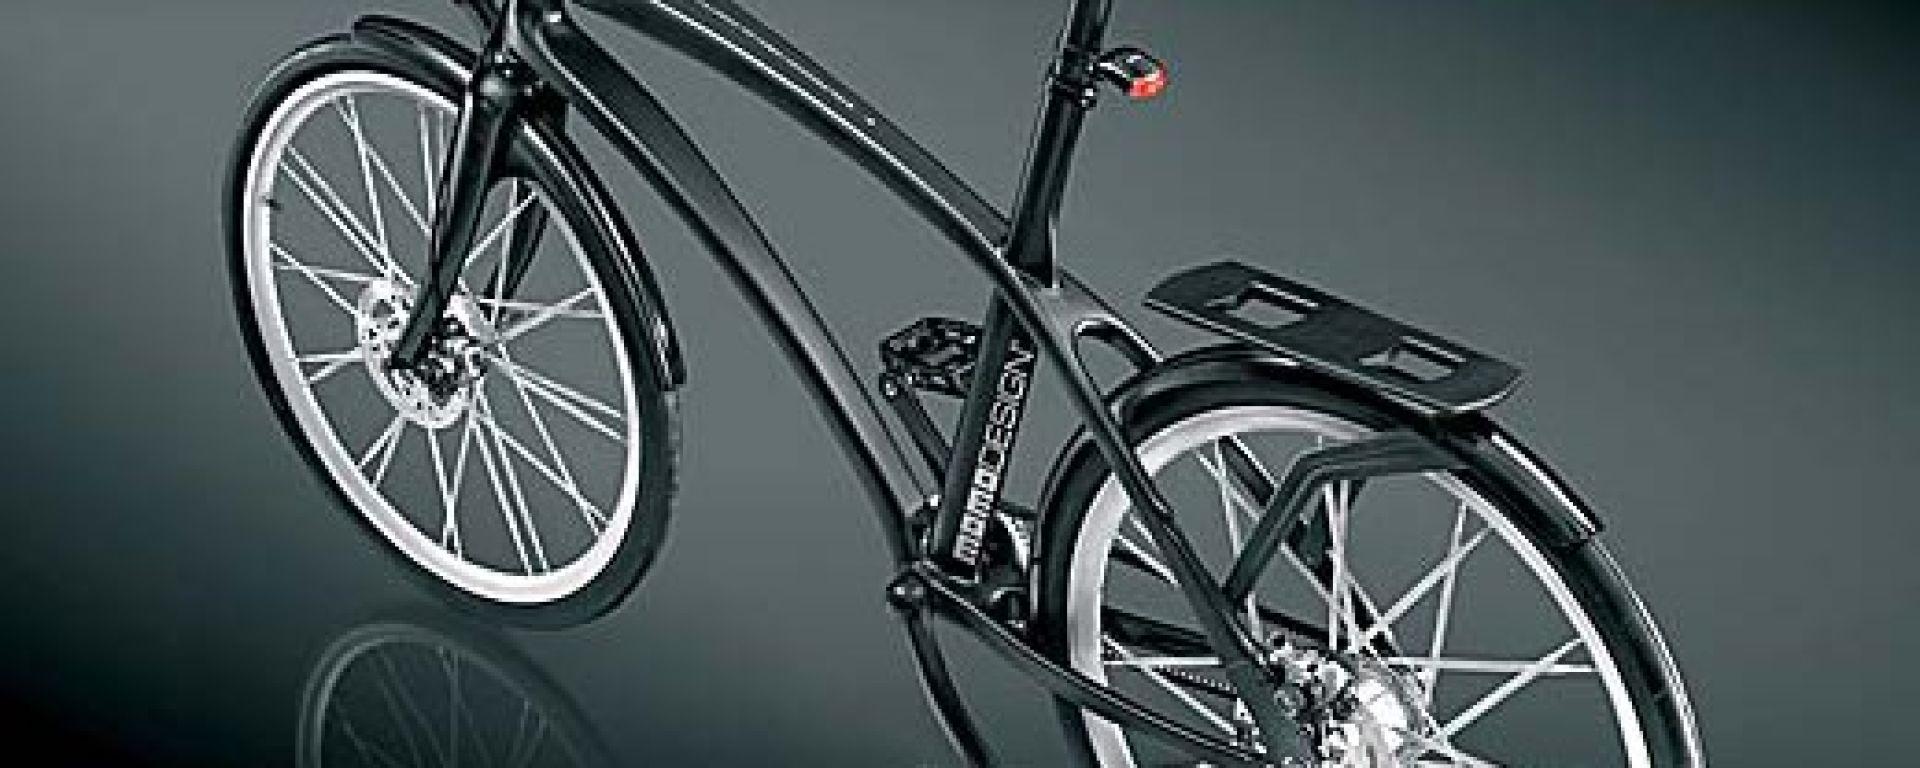 LANCIA: UrbanBike, la bici da città